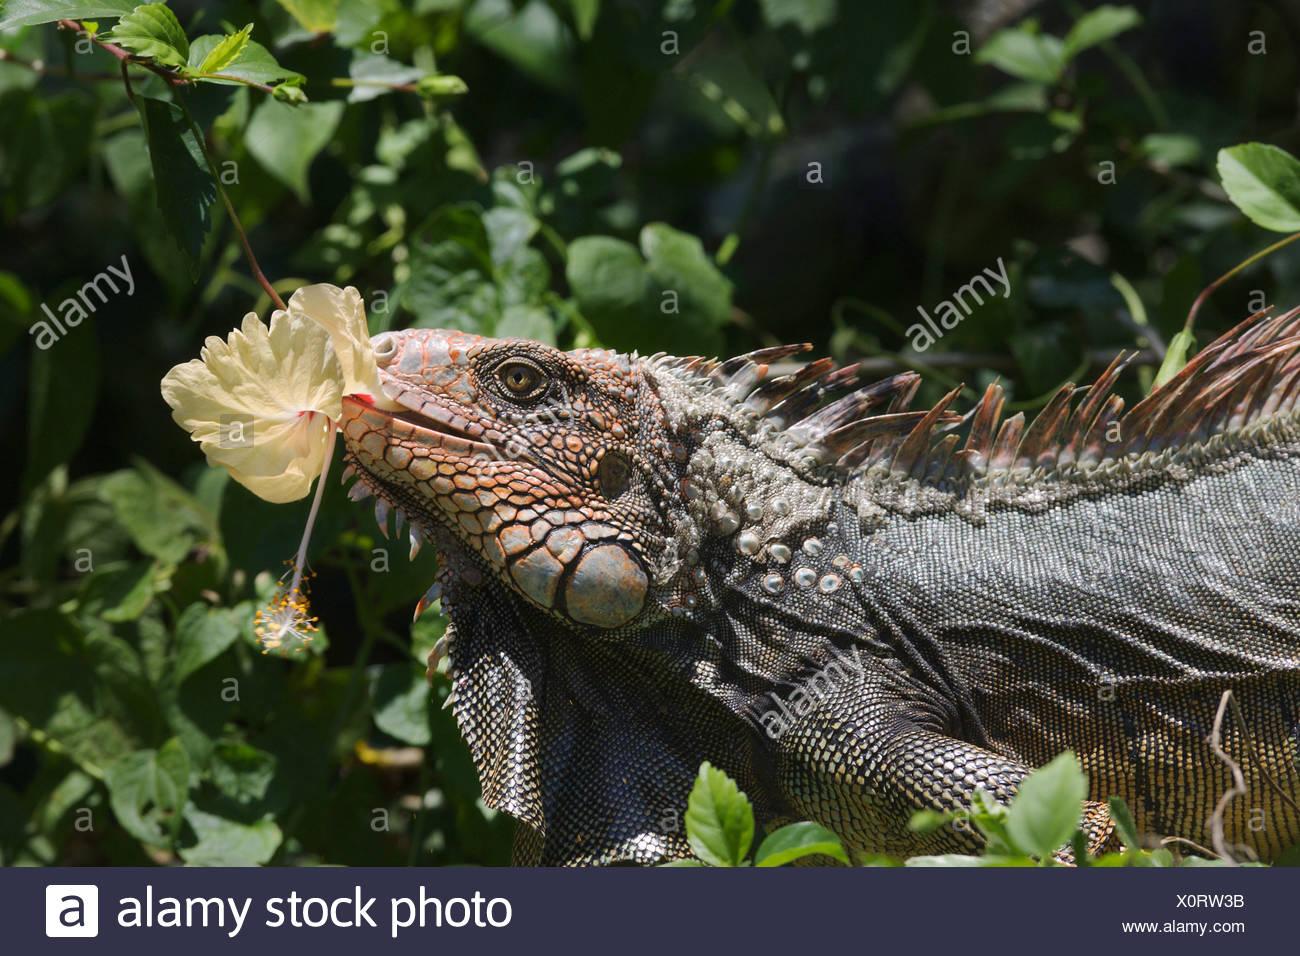 Green Iguana Iguana Iguana Eating A Hibiscus Flower Stock Photo